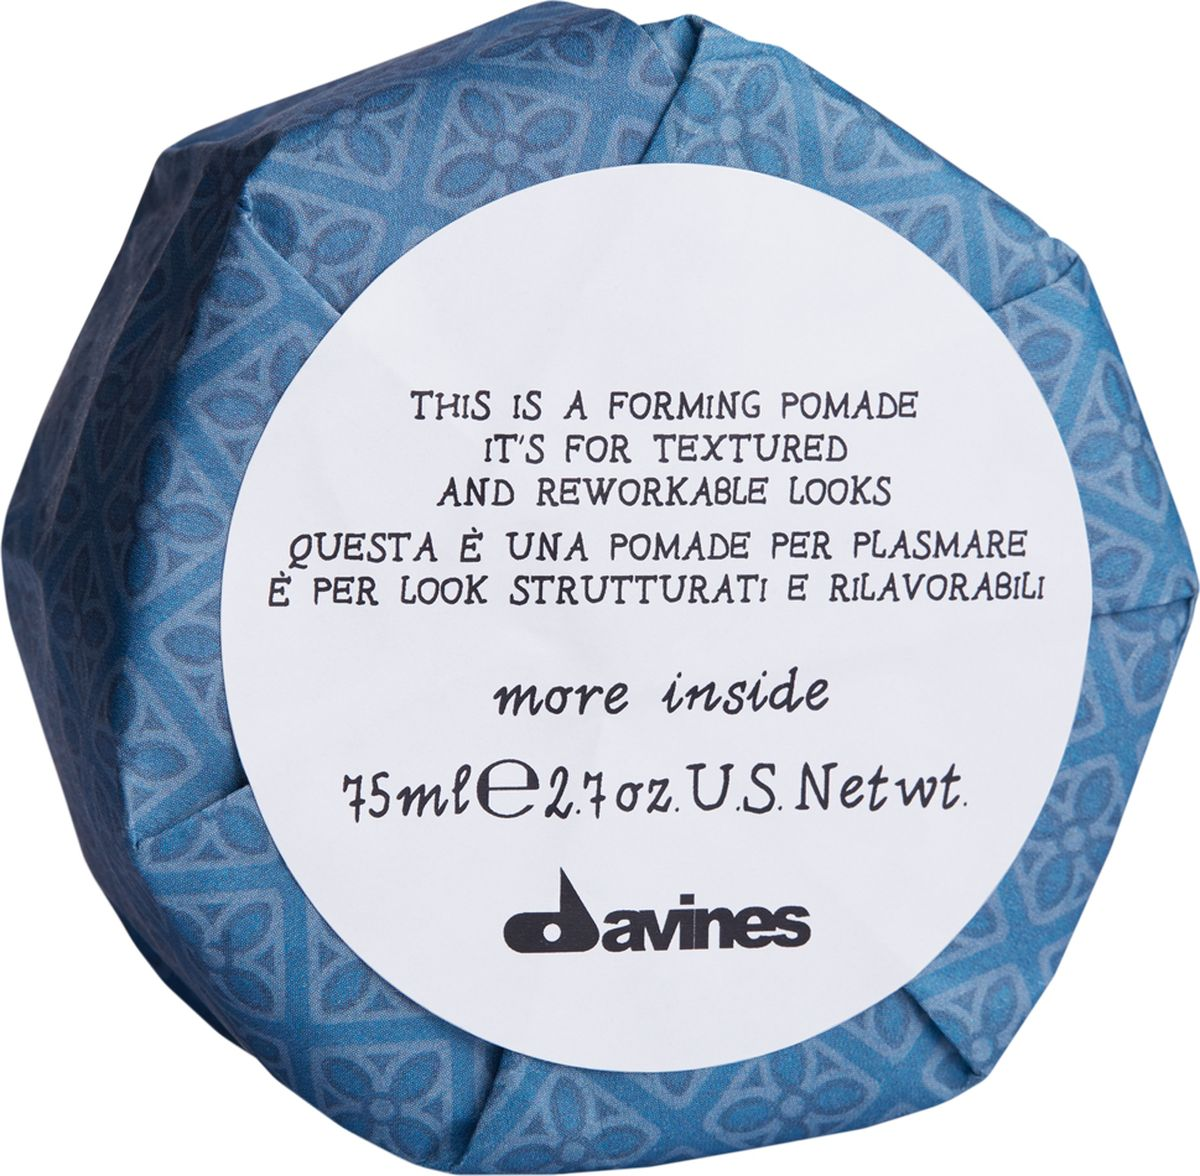 Davines More Inside Forming Pomade Моделирующая помада для текстурных и пластичных образов, 75 млMP59.4DВоск-блеск Davines предназначен для придания волосам сияния. Легкая формула помогает быстро создать текстуру, подчеркнув блеск волосам. Укладка сохраняет пластичность, ее можно видоизменять при помощи расчески. Средство обеспечивает легкую степень фиксации. Объем: 75 мл